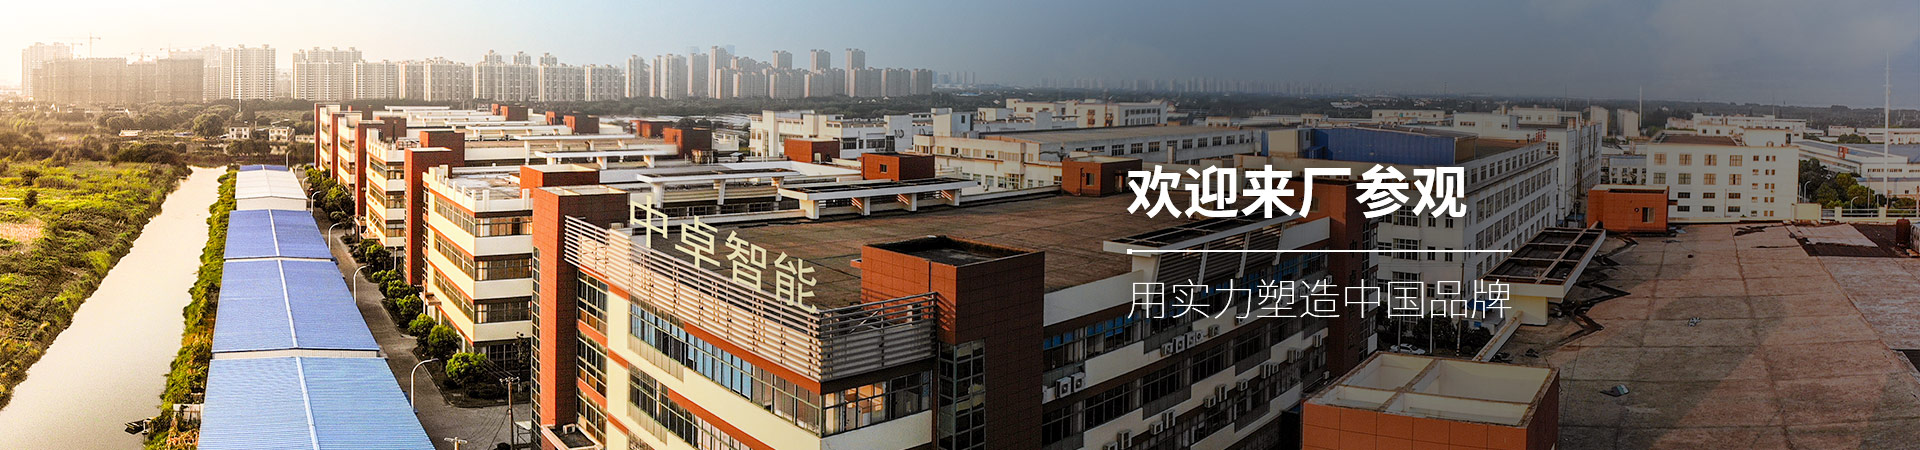 中卓智能-用实力塑造中国品牌